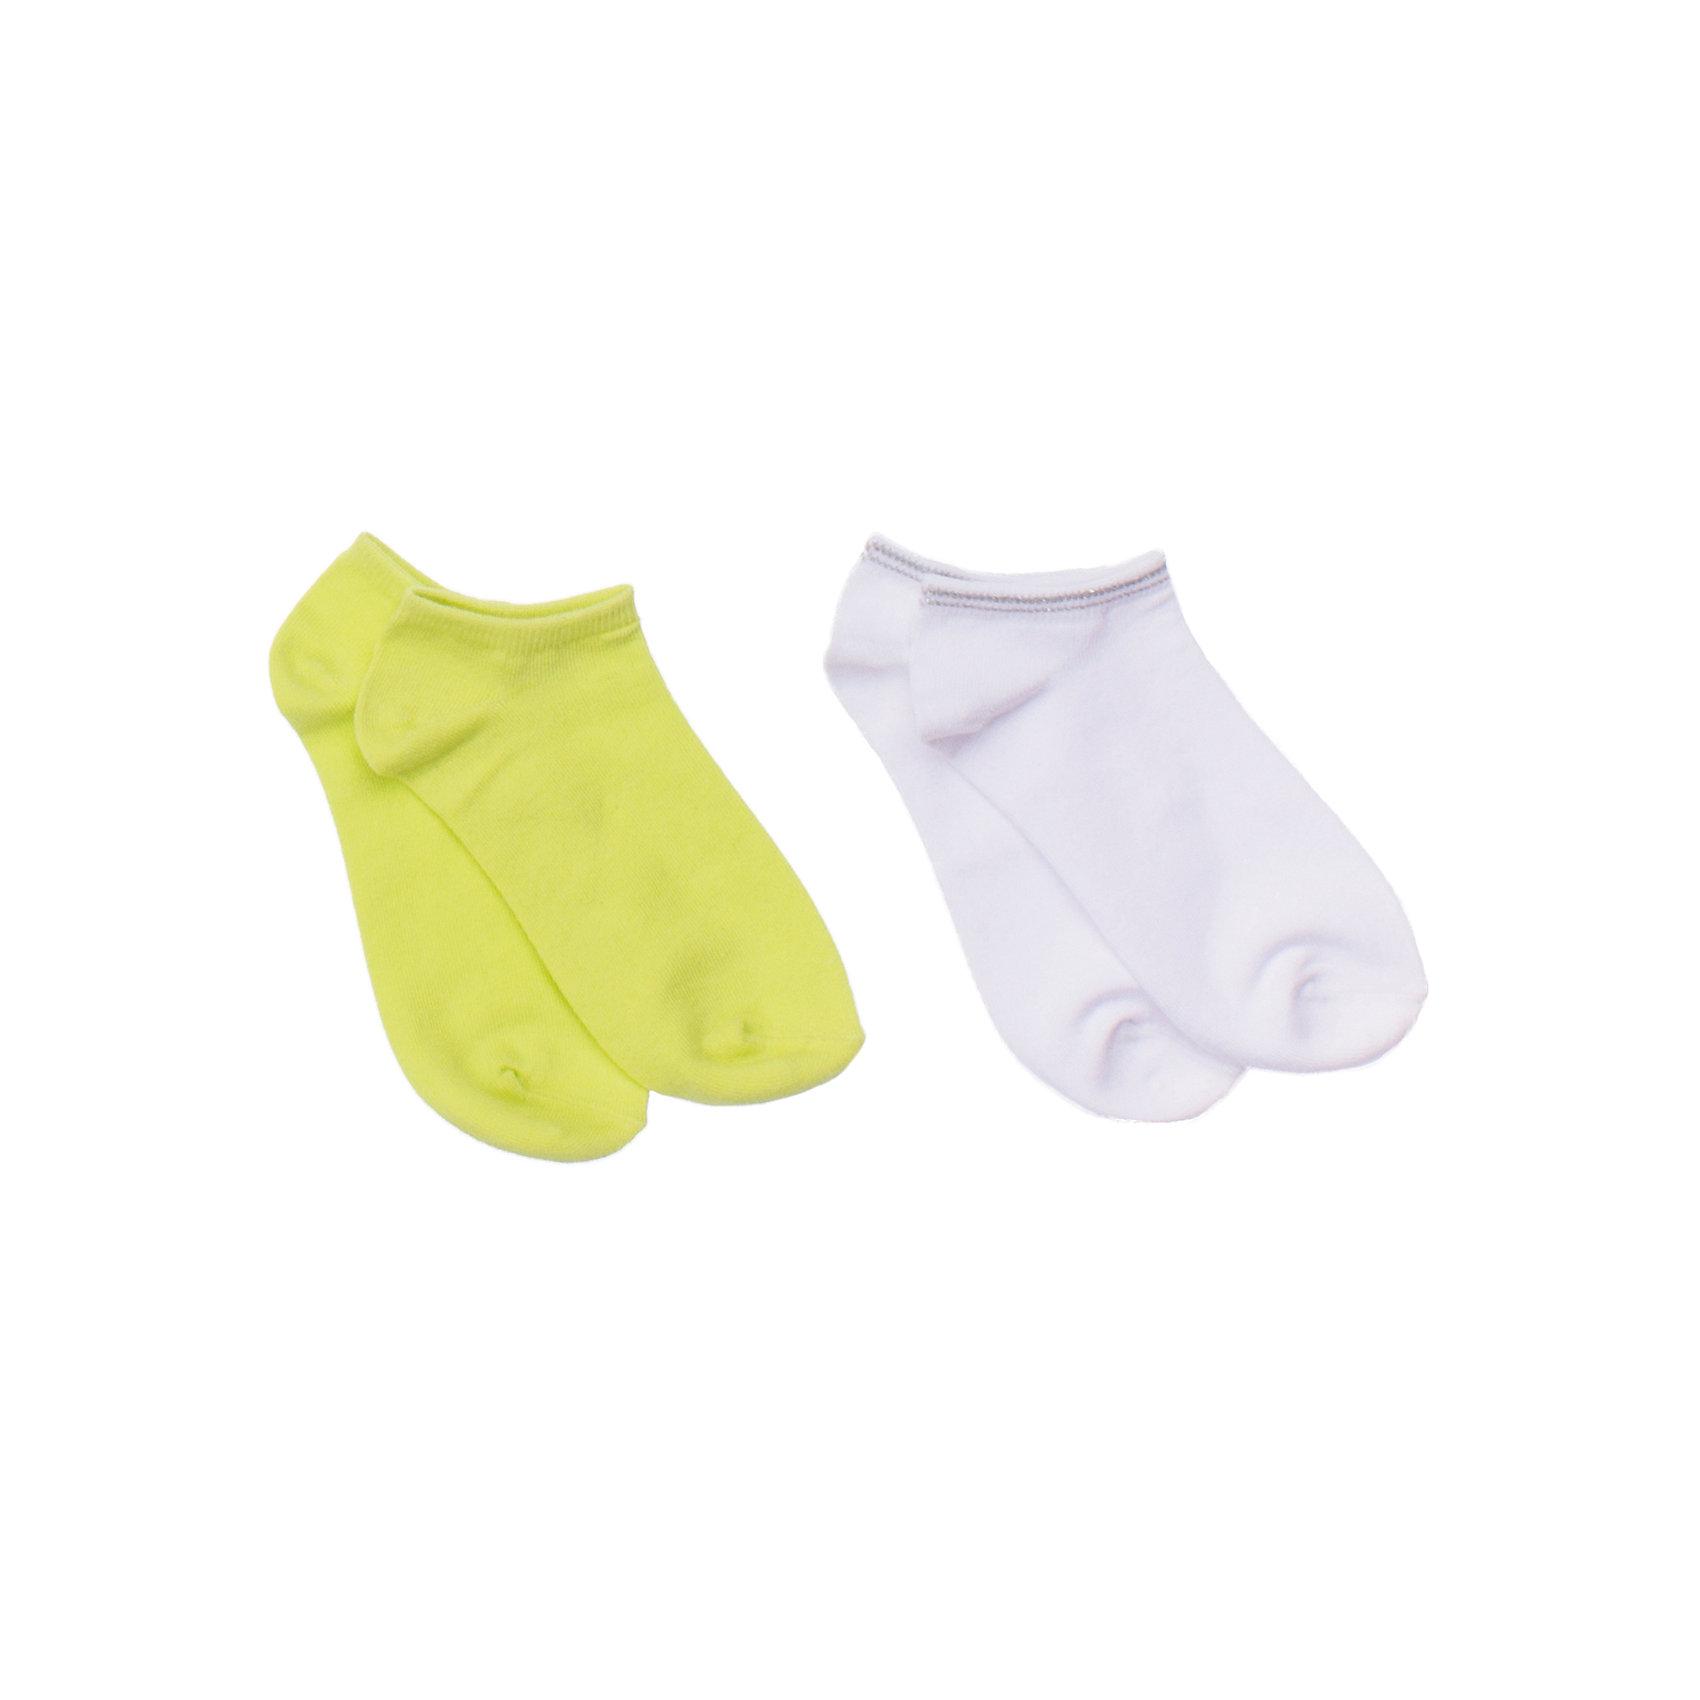 Носки (2 шт.) ScoolНоски<br>Комплект из двух пар уютных носочков. Цвета - белый и лимонно-лаймовый. Состав: 75% хлопок, 22% нейлон, 3% эластан<br><br>Ширина мм: 87<br>Глубина мм: 10<br>Высота мм: 105<br>Вес г: 115<br>Цвет: белый<br>Возраст от месяцев: 21<br>Возраст до месяцев: 24<br>Пол: Унисекс<br>Возраст: Детский<br>Размер: 24,20,22<br>SKU: 4652912